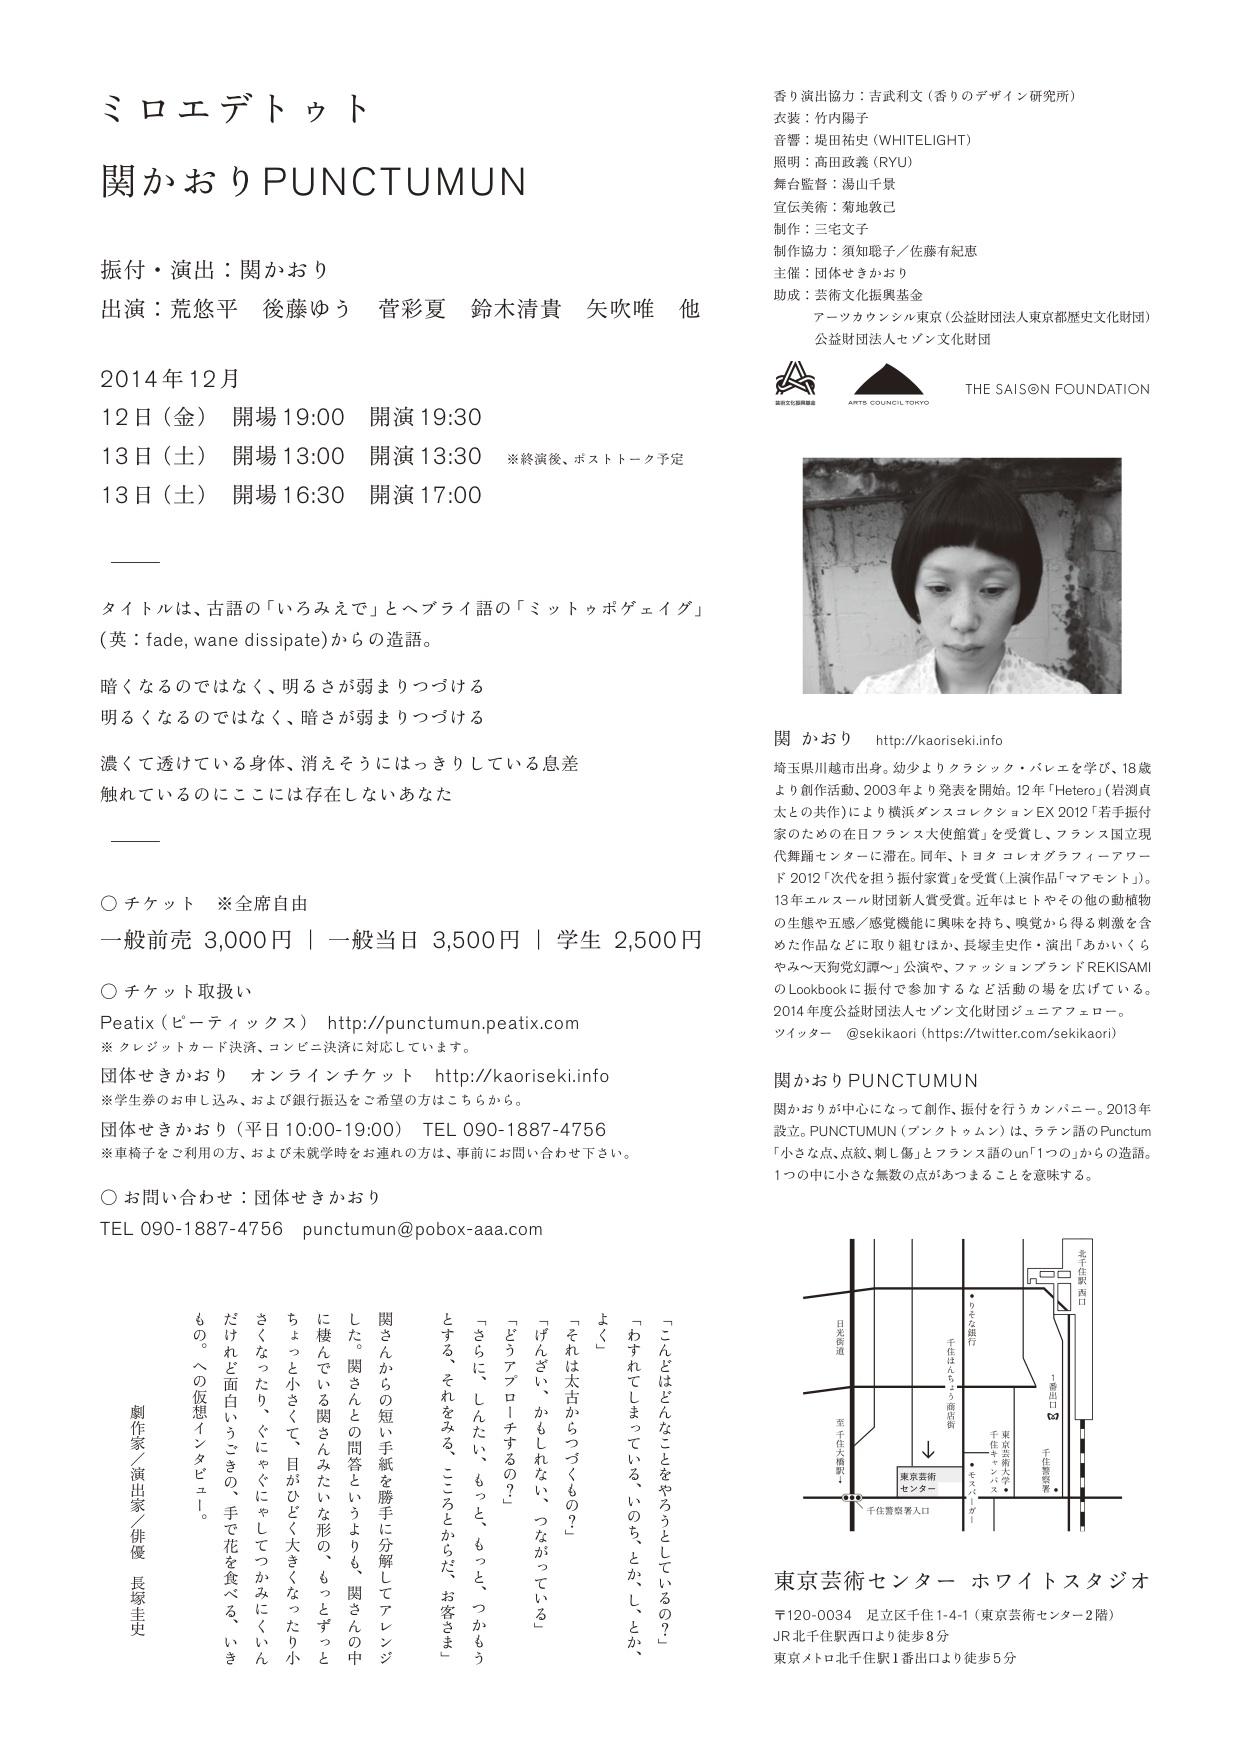 関かおりPUNCTUMUN新作公演『ミロエデトゥト』←終了しました